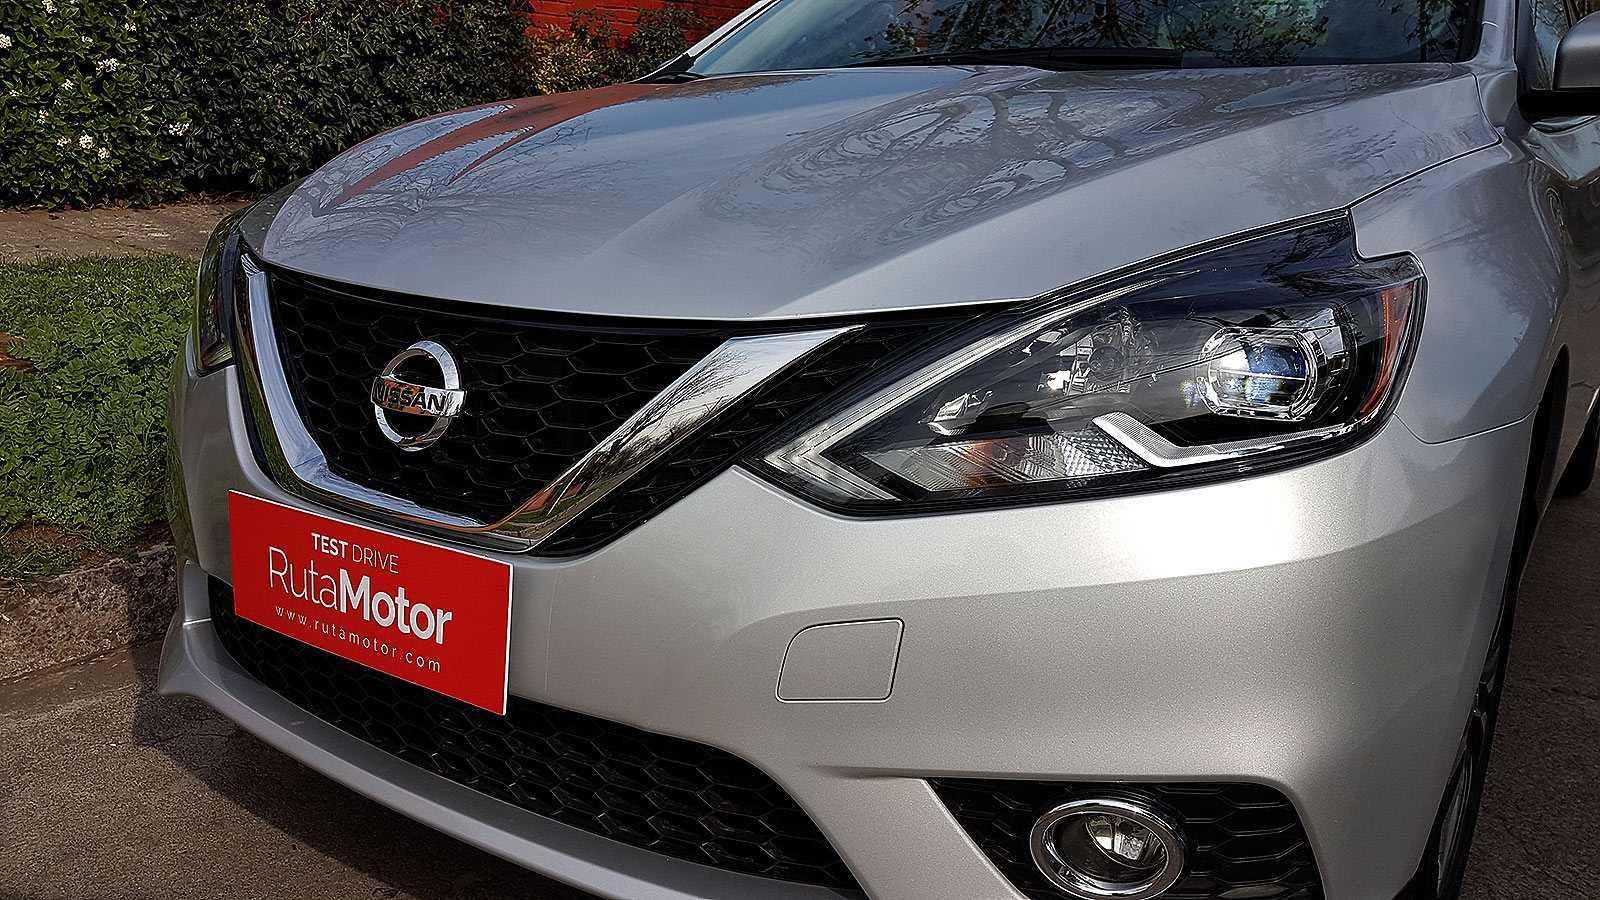 Nissan-Sentra-2016-rutamotor13